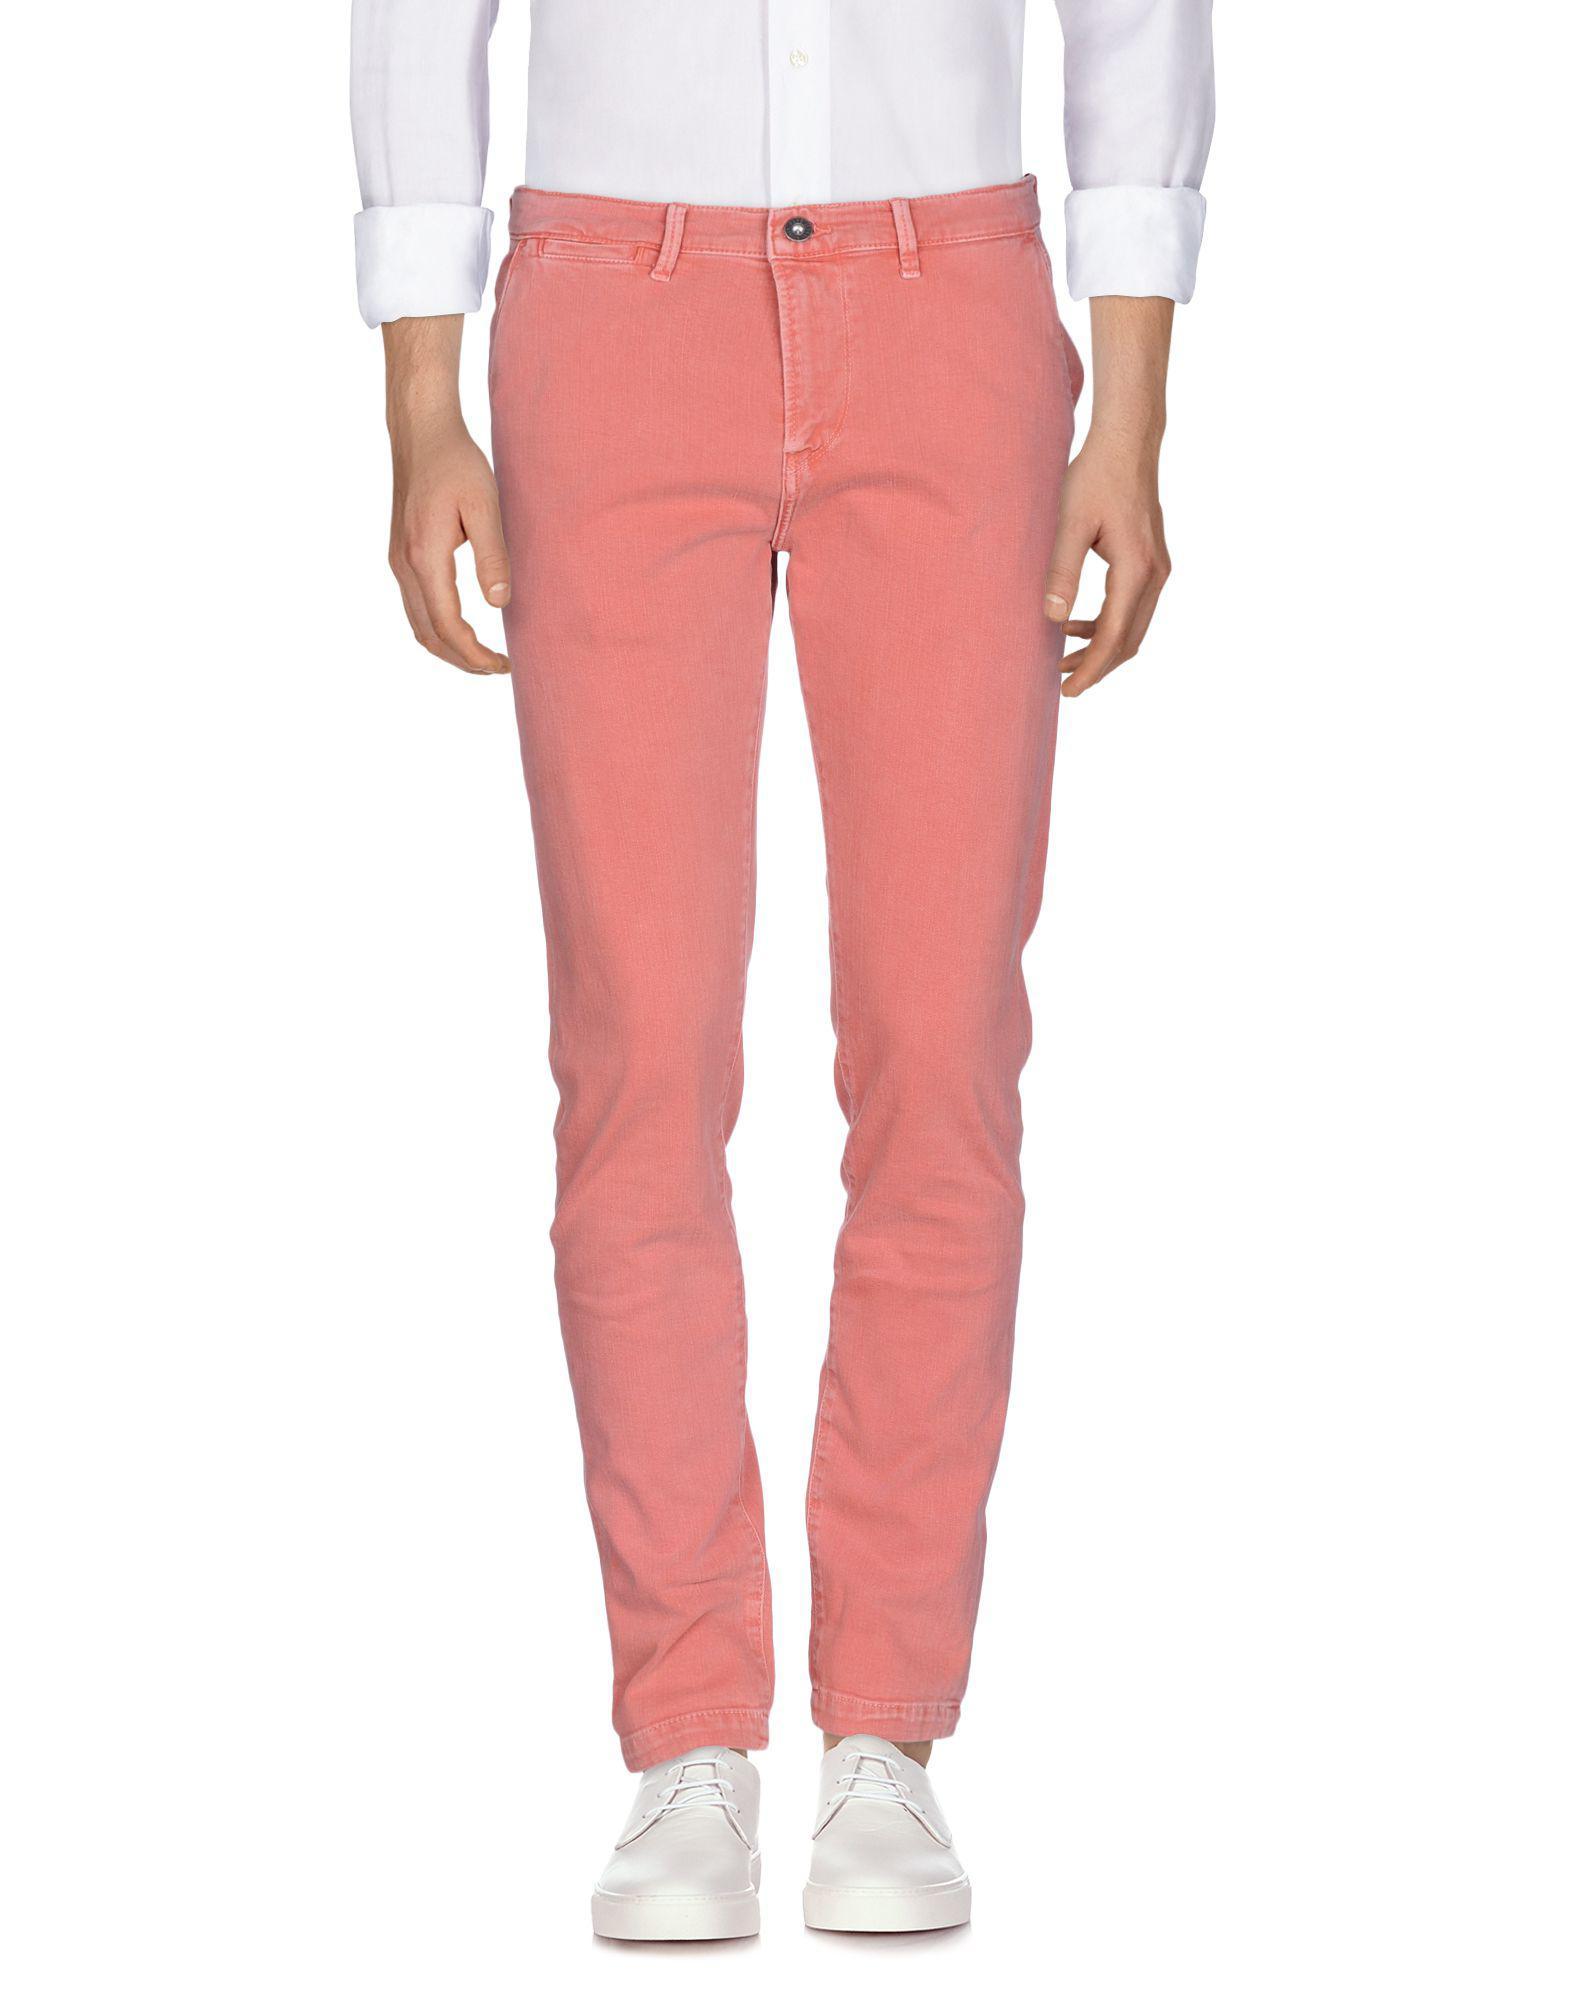 Rosa Pepe Jeans Pantalones De Hombre Lyst Color Vaqueros xtw4EqOa0